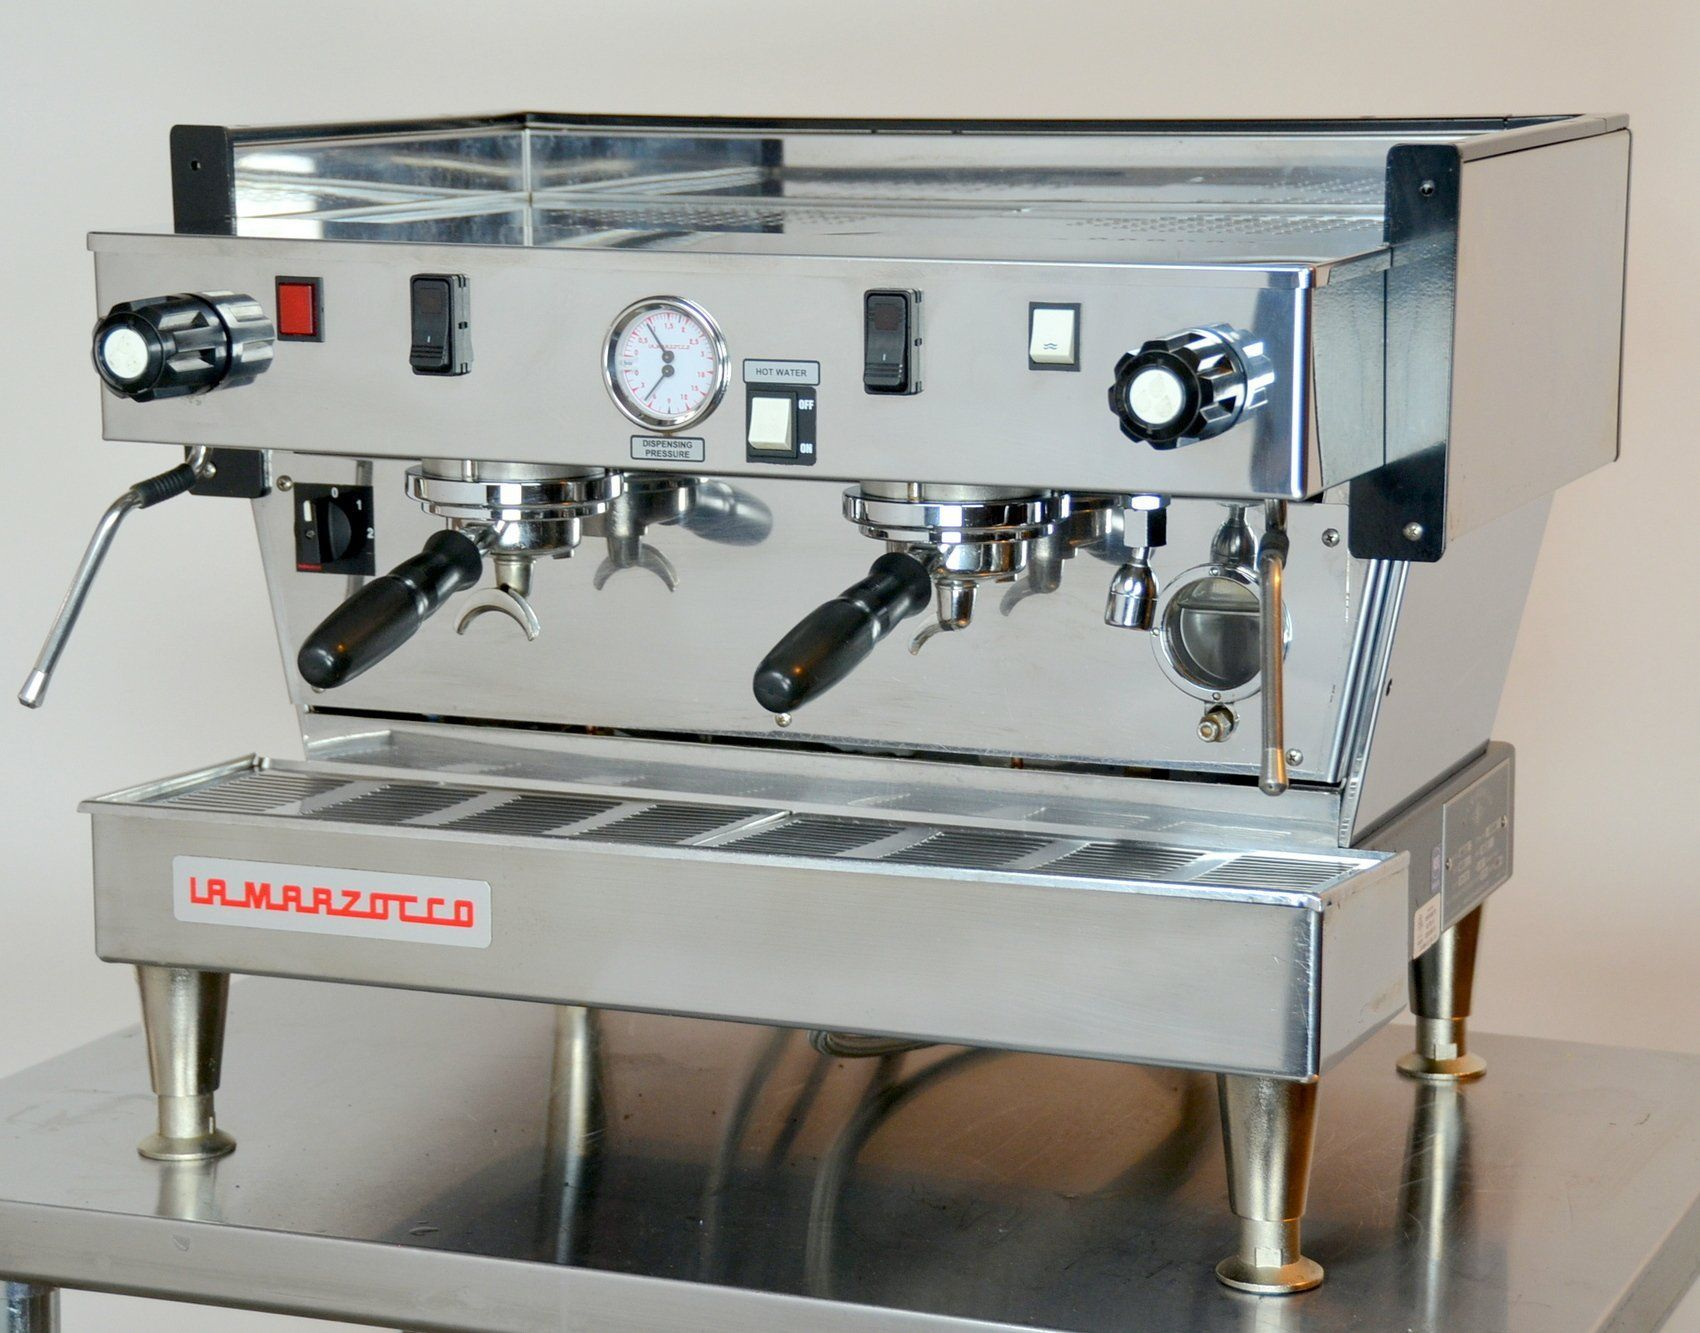 La Marzocco Linea EE Semi Automatic Espresso Machine